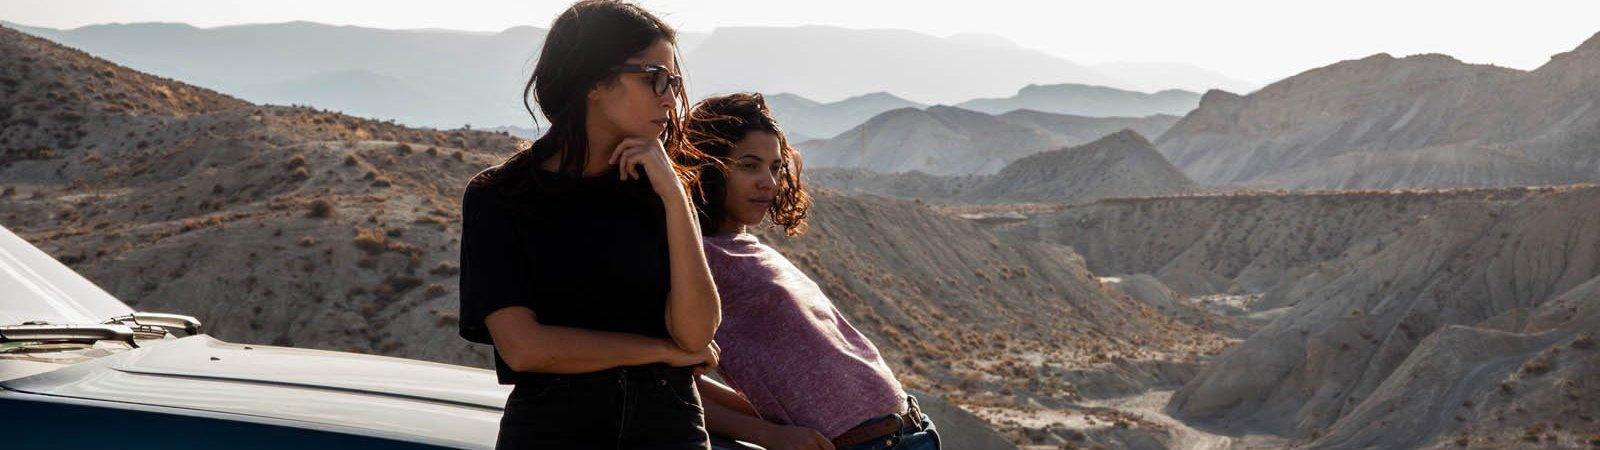 Photo dernier film Leïla Bekhti